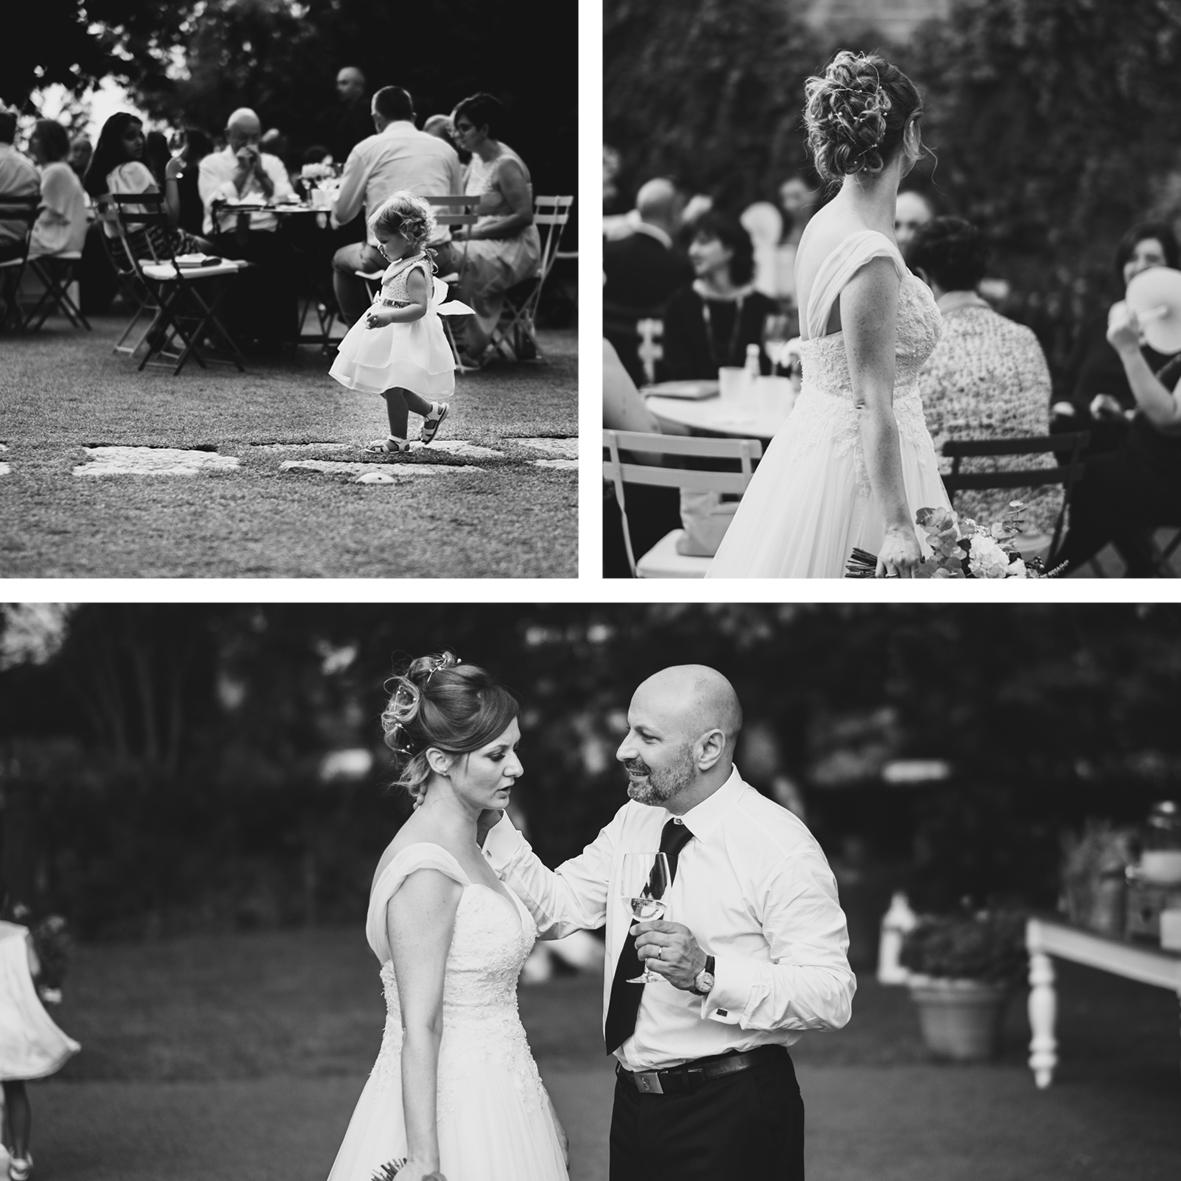 Fotografo matrimonio Brescia reportage di matrimonio Federico Rongaroli24